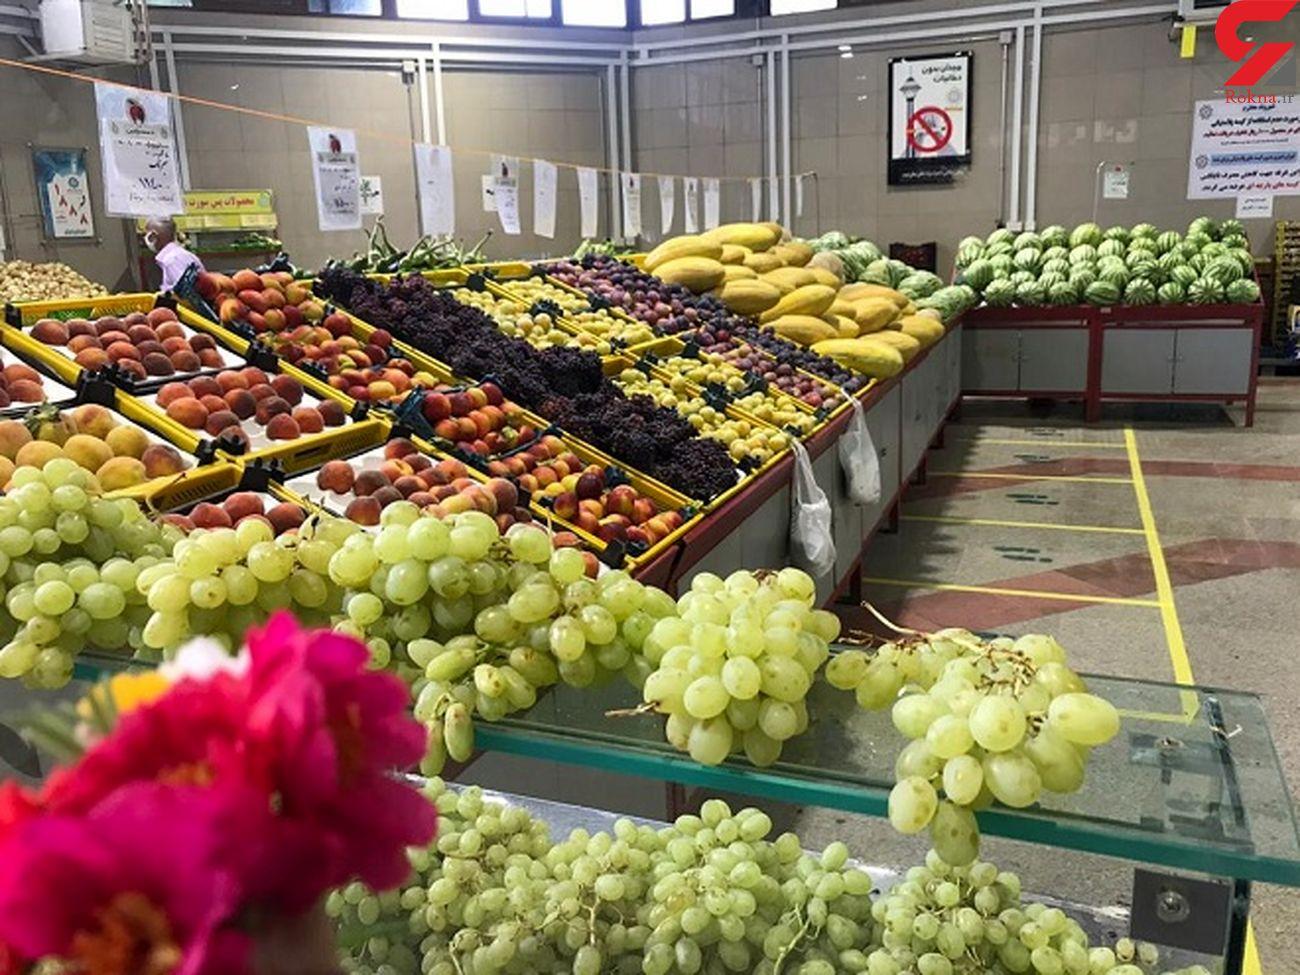 تعطیلی میادین میوه و تره بار پایتخت در تاسوعا و عاشورا